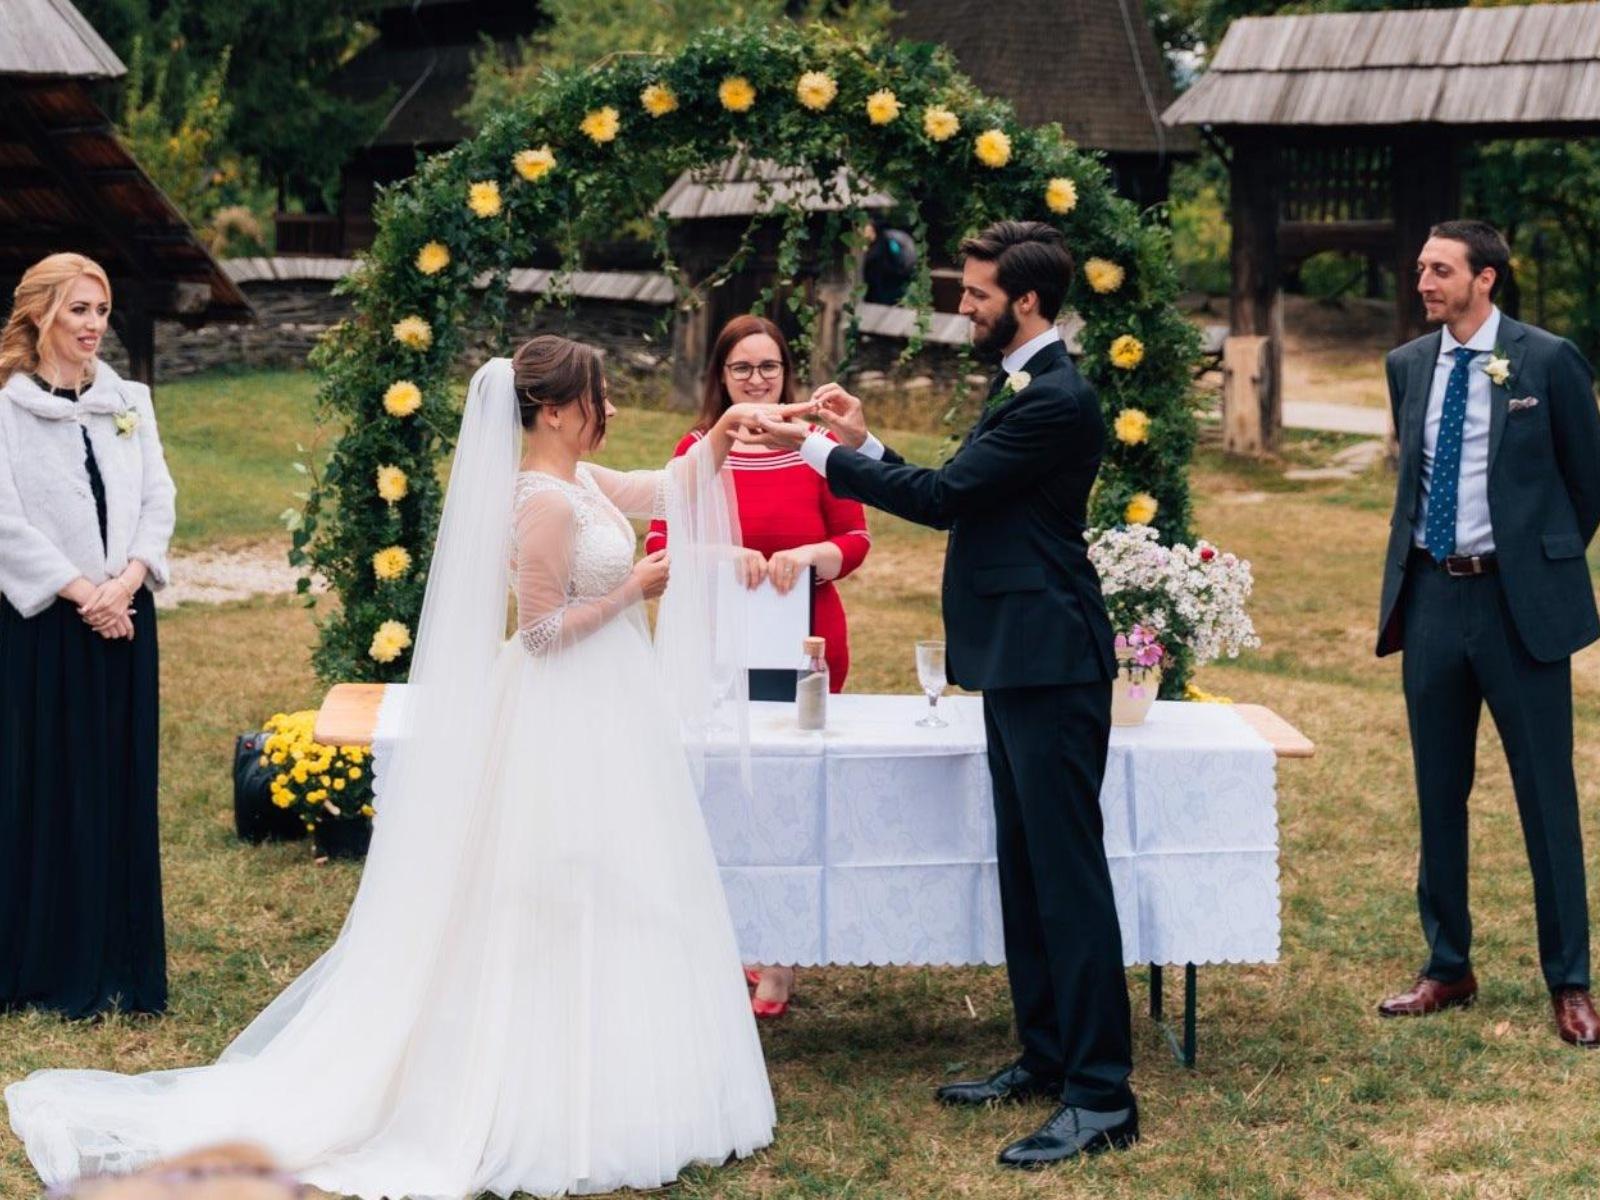 ceremonie umanista sibiu